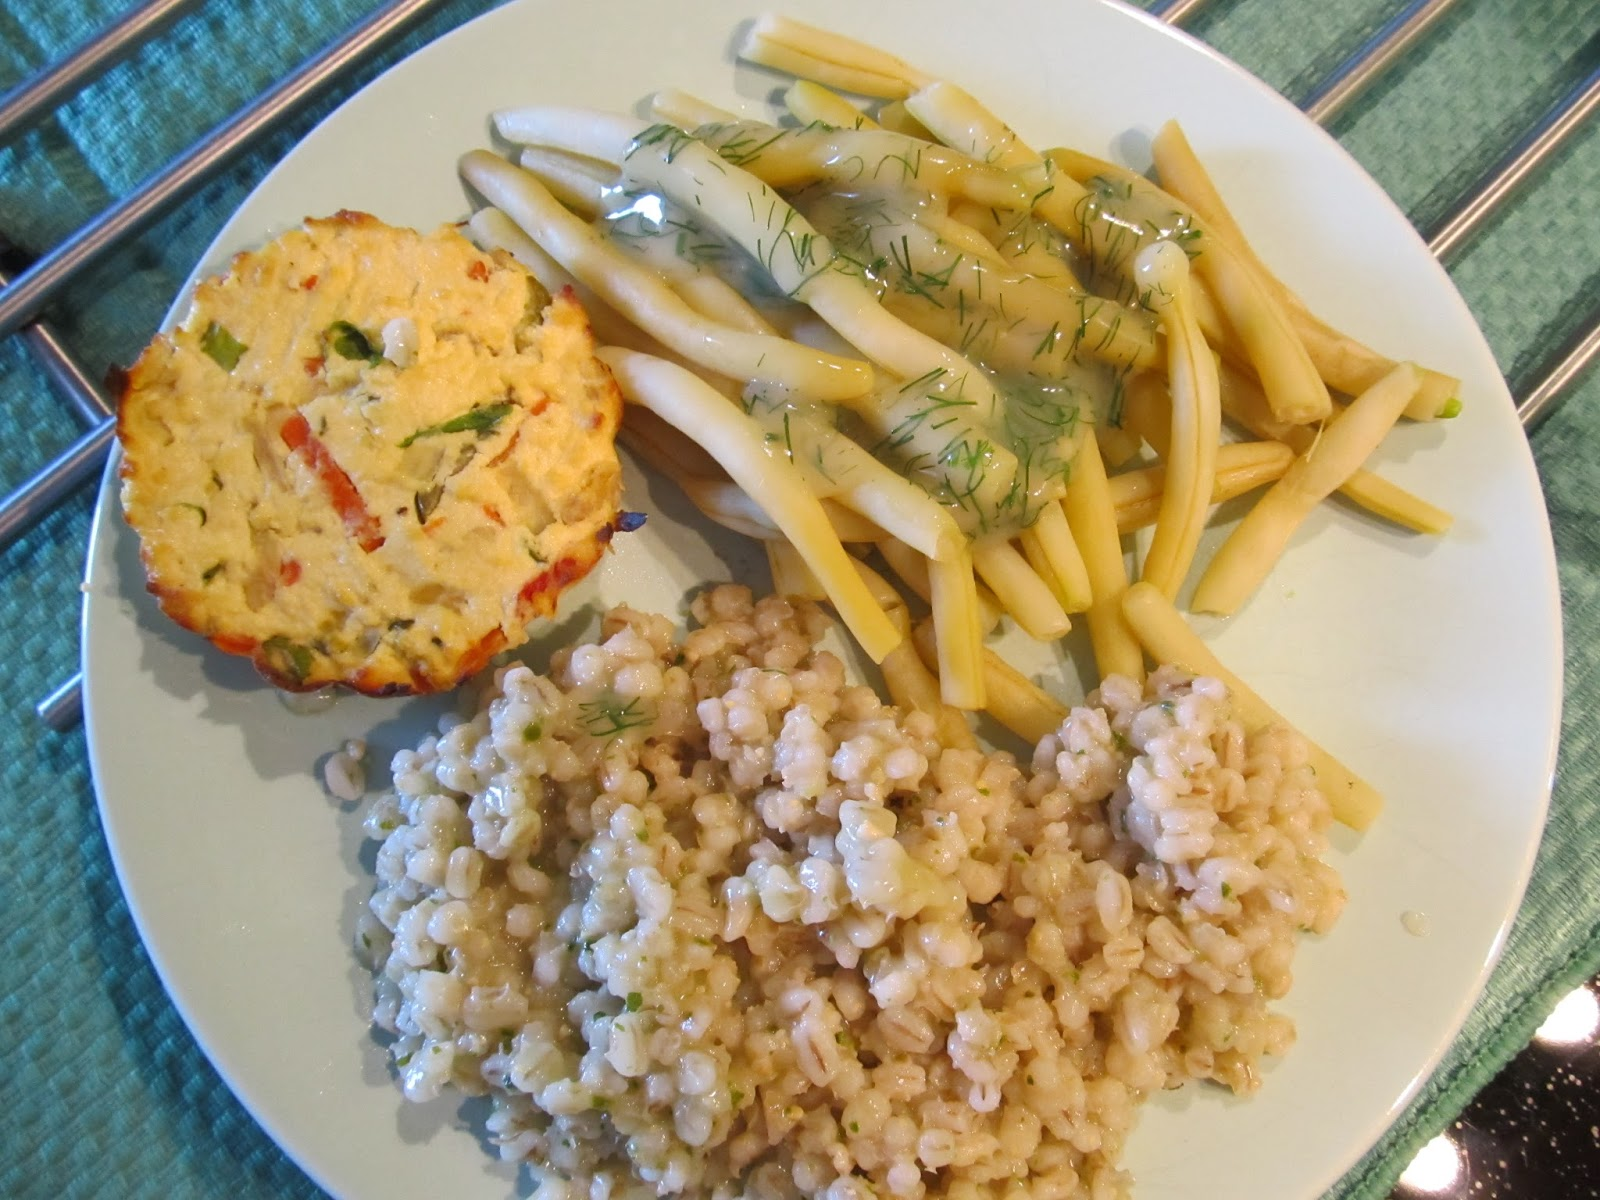 ZIELONA KUCHNIA ZDROWIA Pomysł na obiad pyszny i zdrowy!